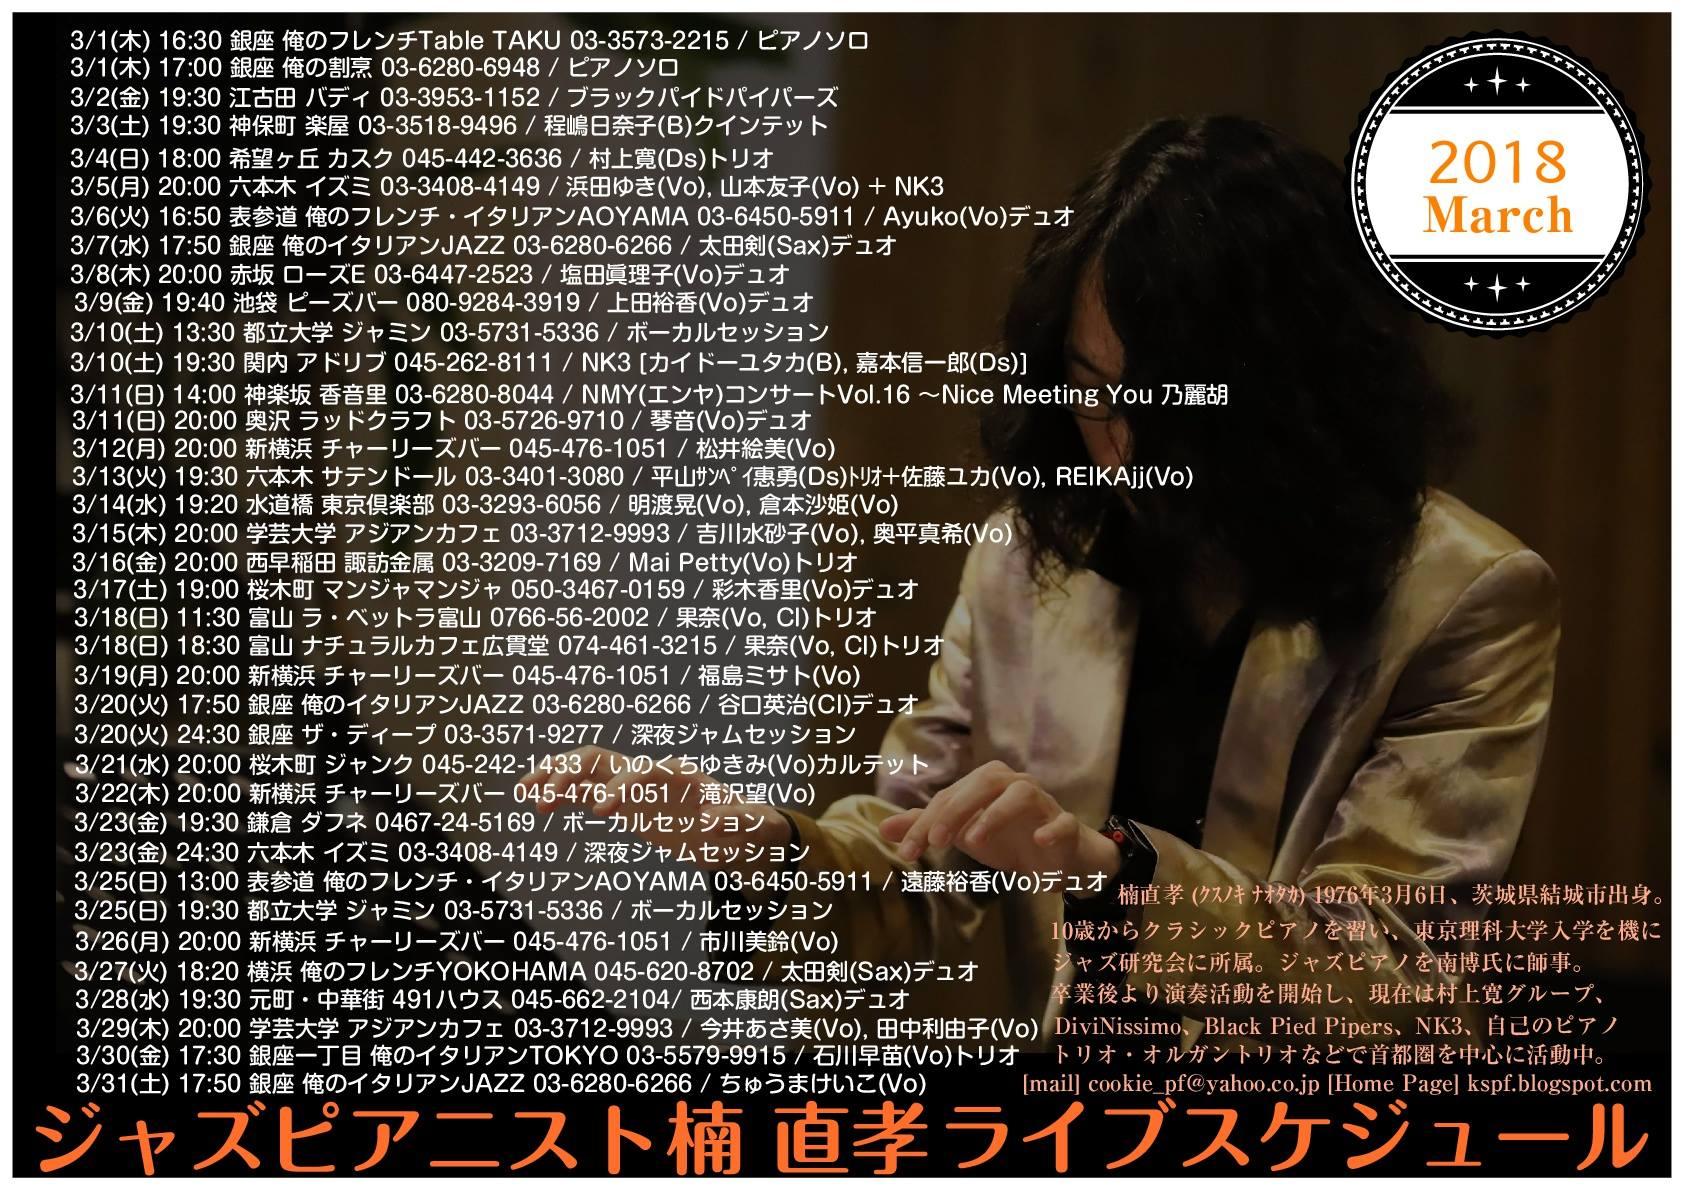 西早稲田・諏訪金属「AB型最強ブリブリコンビとMai」LIVE